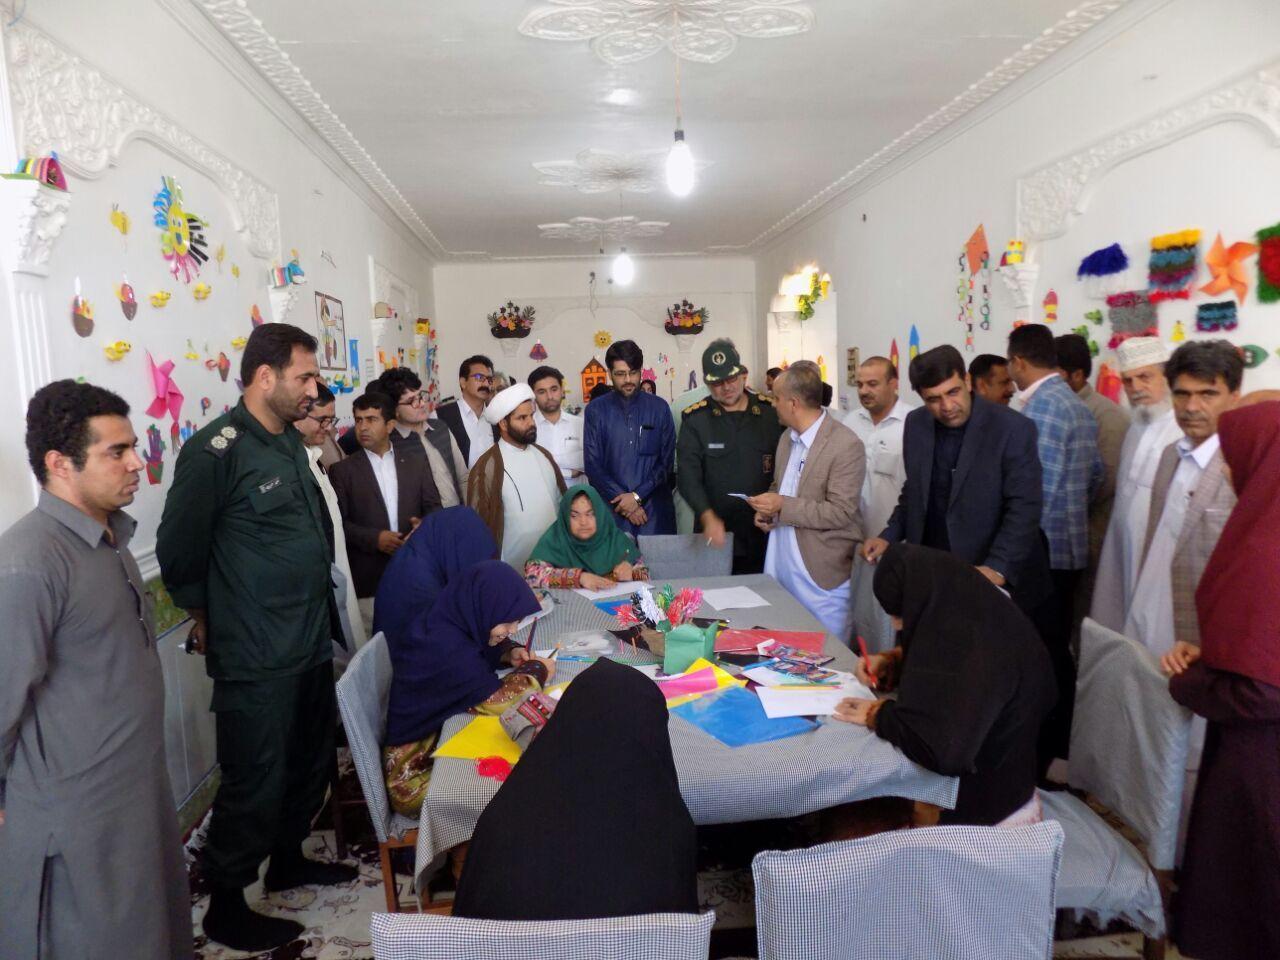 ۱۴ طرح اشتغالزایی و مسکن محرومان ویژه بهزیستی در خاش افتتاح شد